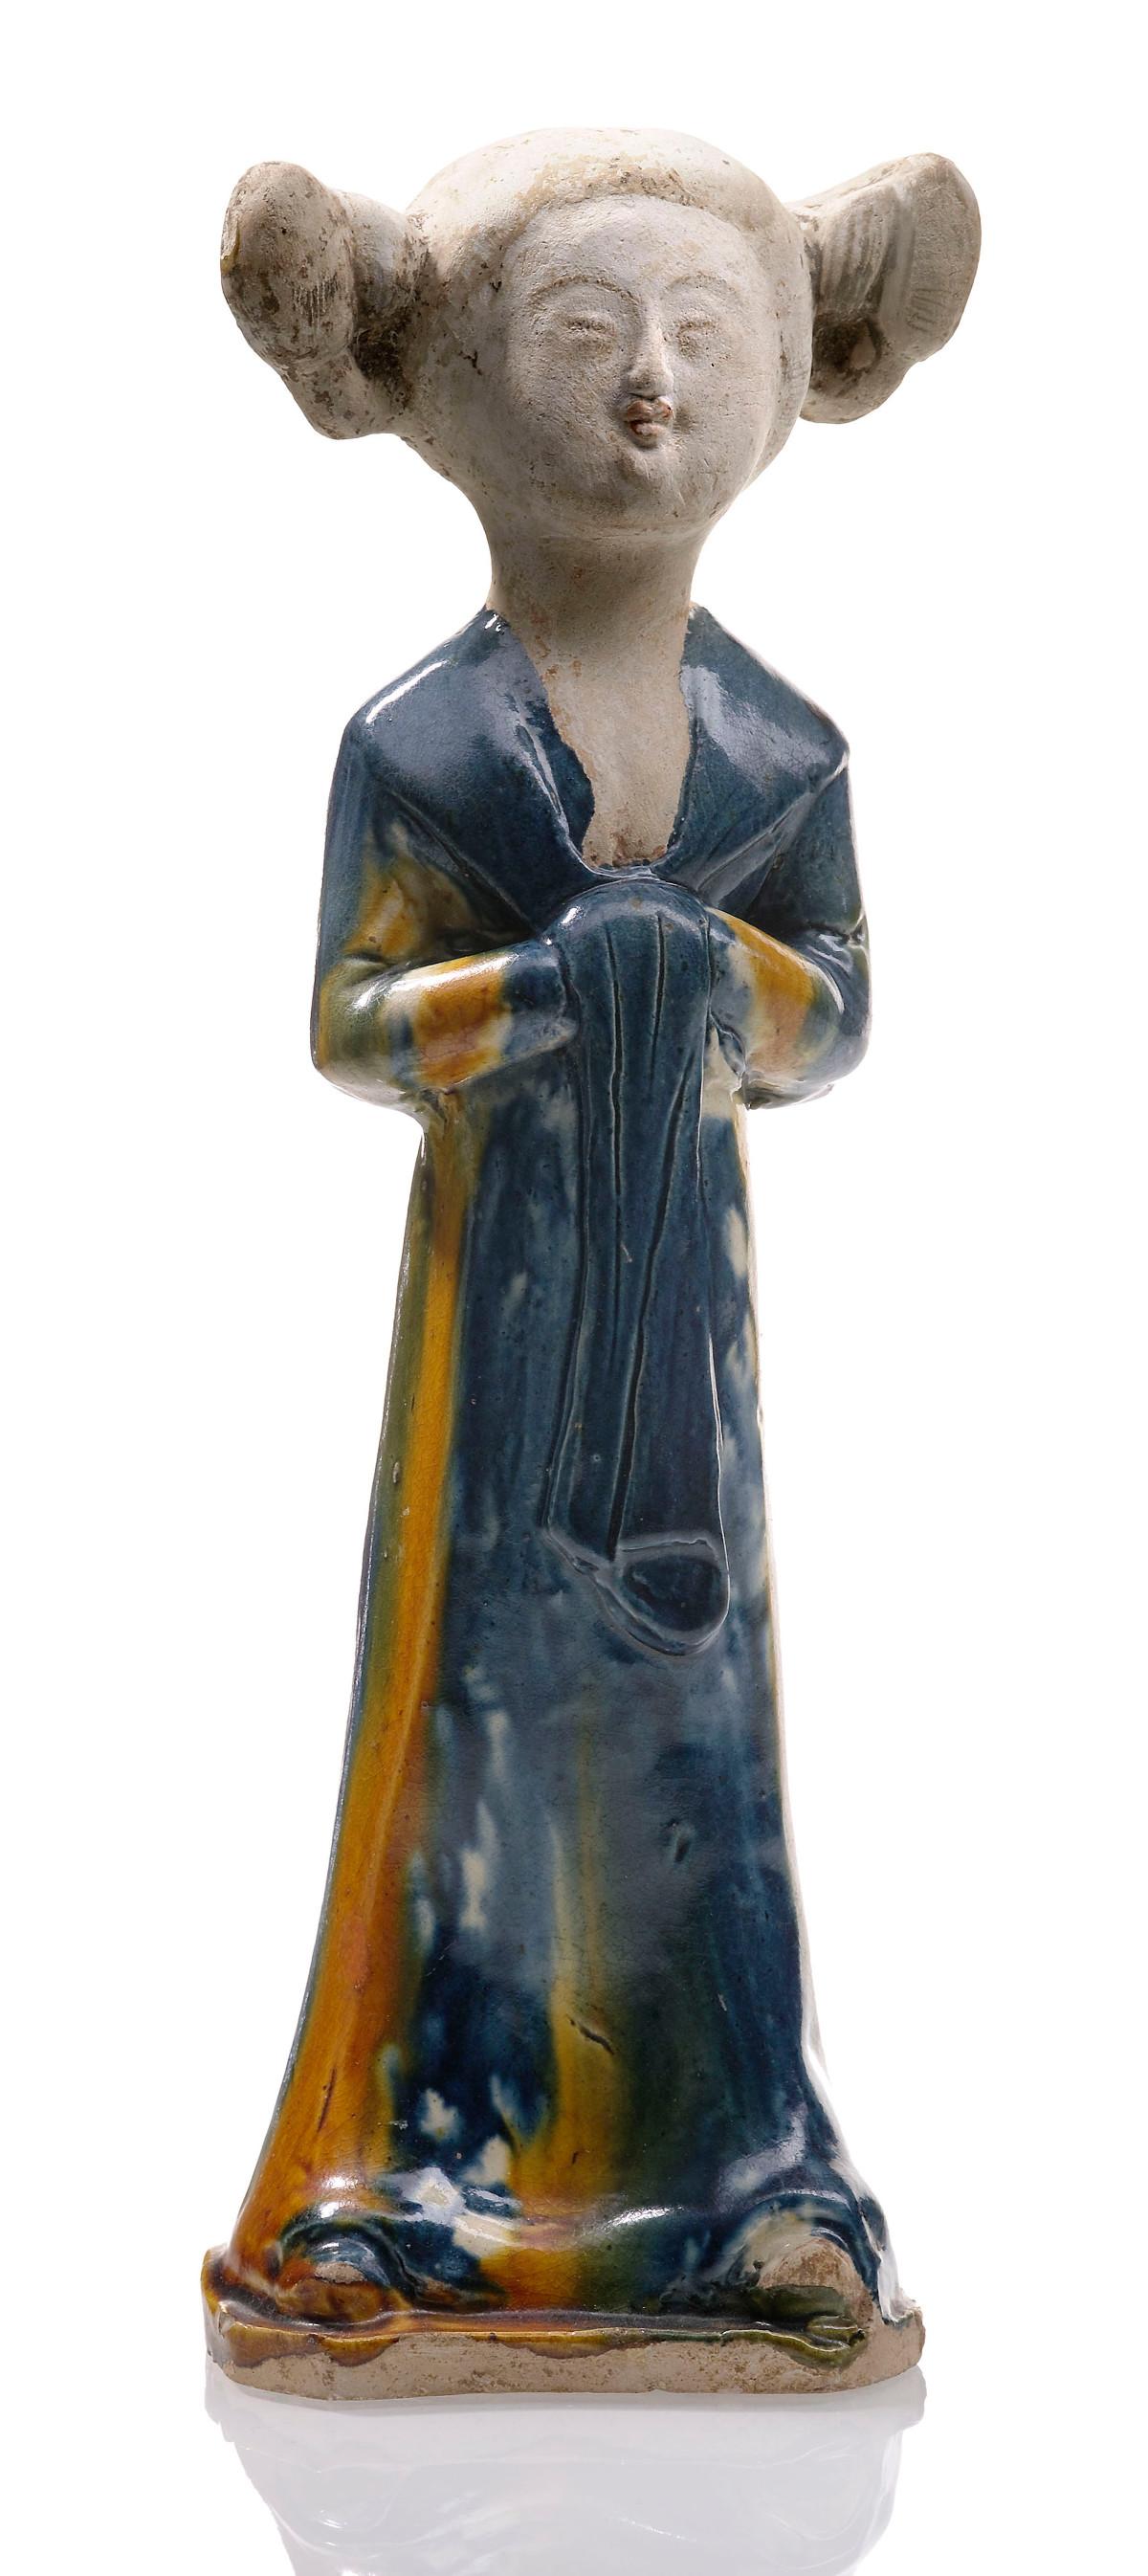 Die Sammlerherzen schlugen höher, als Nagel im November 2013 Tang-Figuren aus der Kollektion von Julius Eberhardt versteigerte. Die Kammerfrau mit Kussmund erzielte 24 000 Euro; alle Preise mit Aufgeld, (Foto: Nagel Auktionen, Stuttgart)